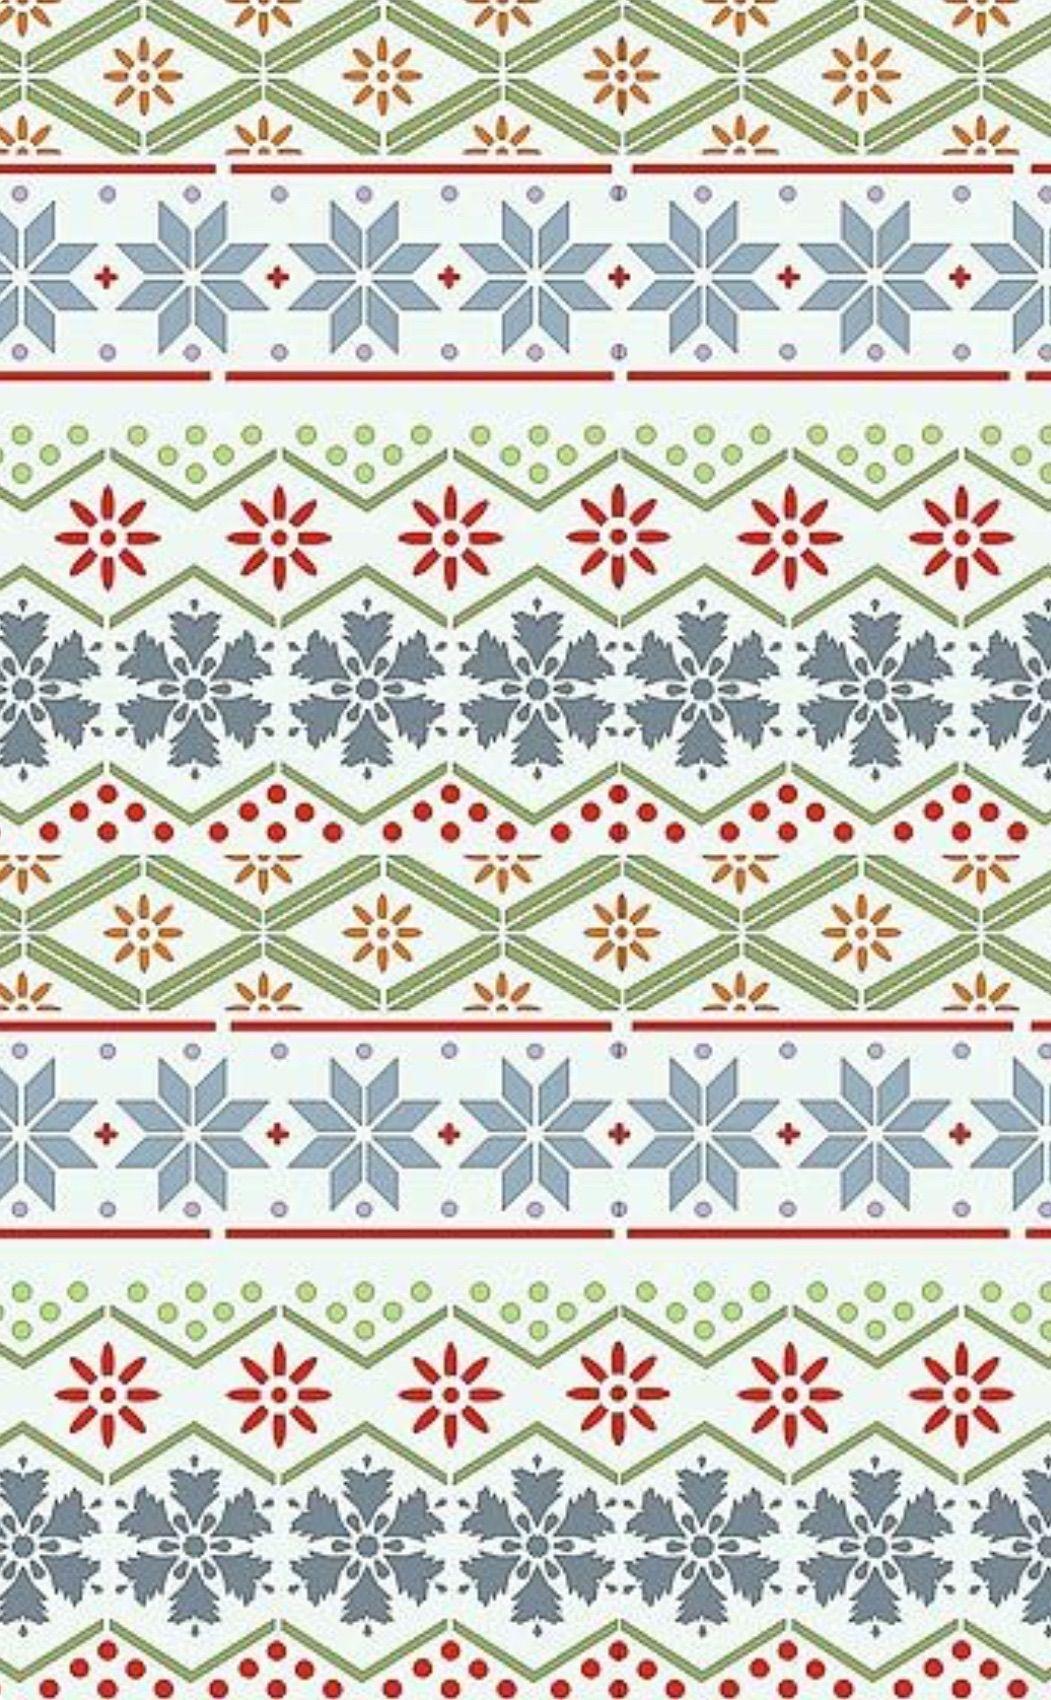 Pin by Heather Ann on Seasons, Marshmallow   Pinterest   Fair isle ...